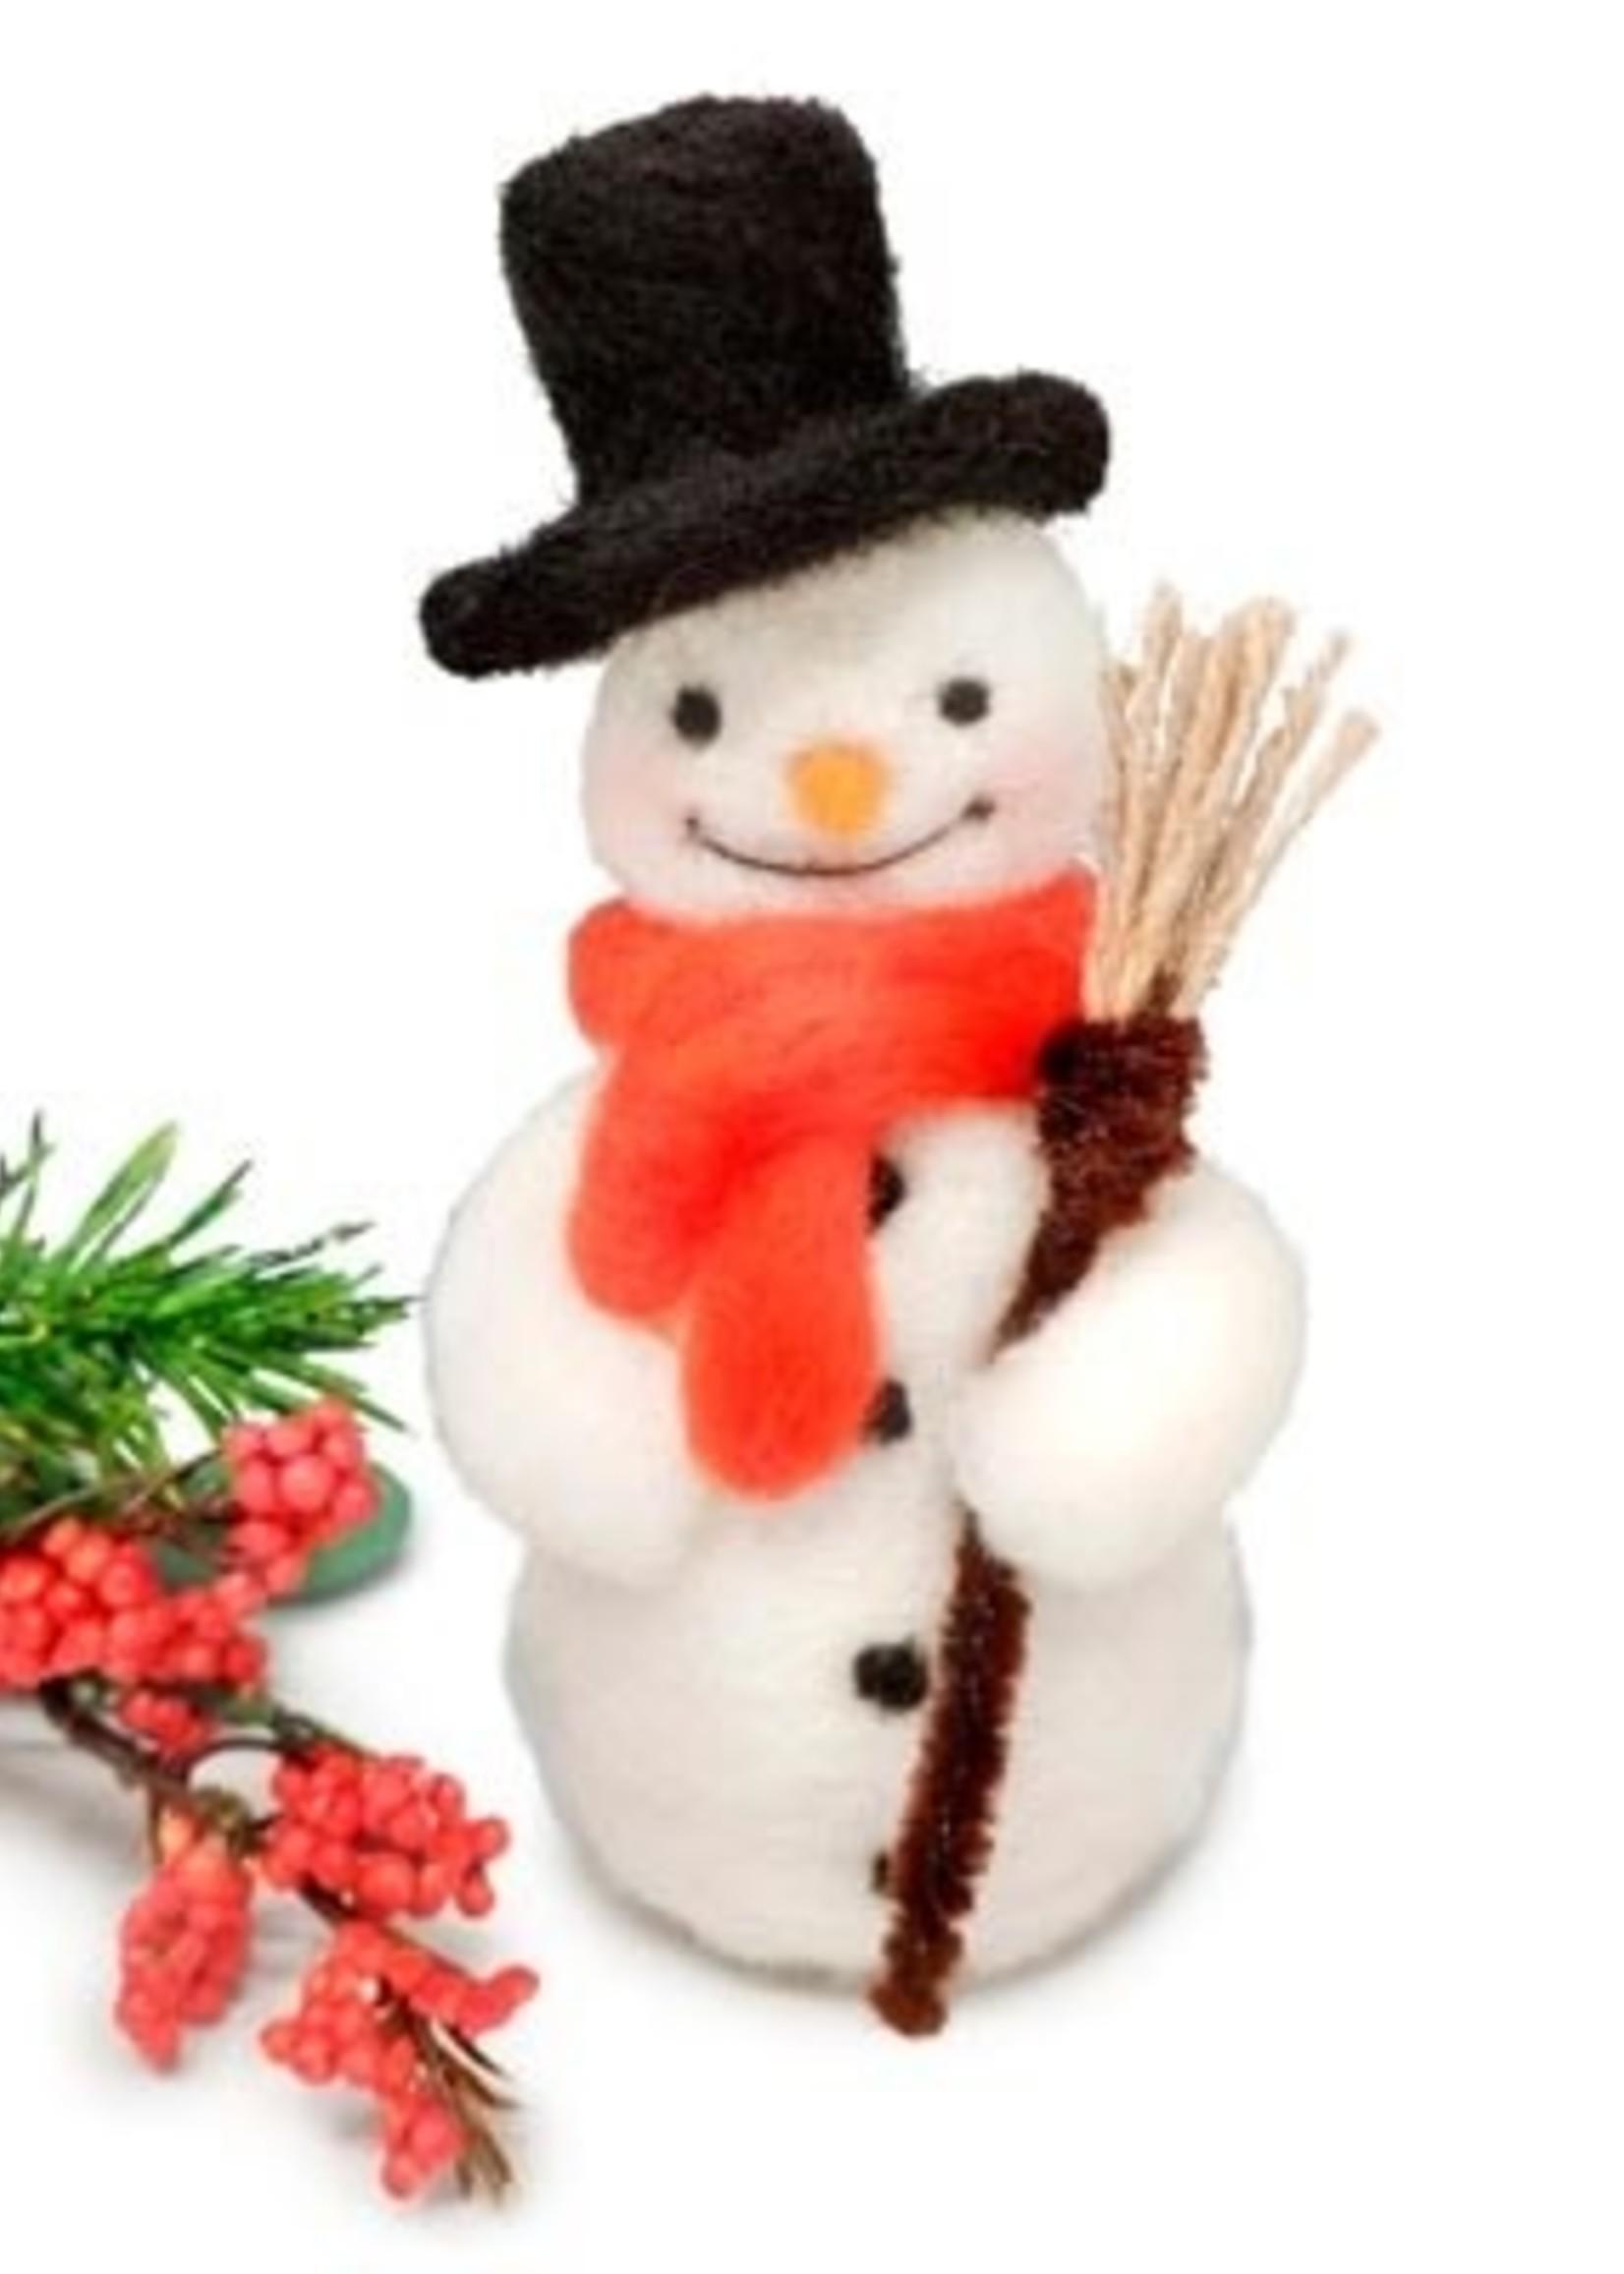 Crafty Kit Co. Jolly Snowman Needle Felting Kit